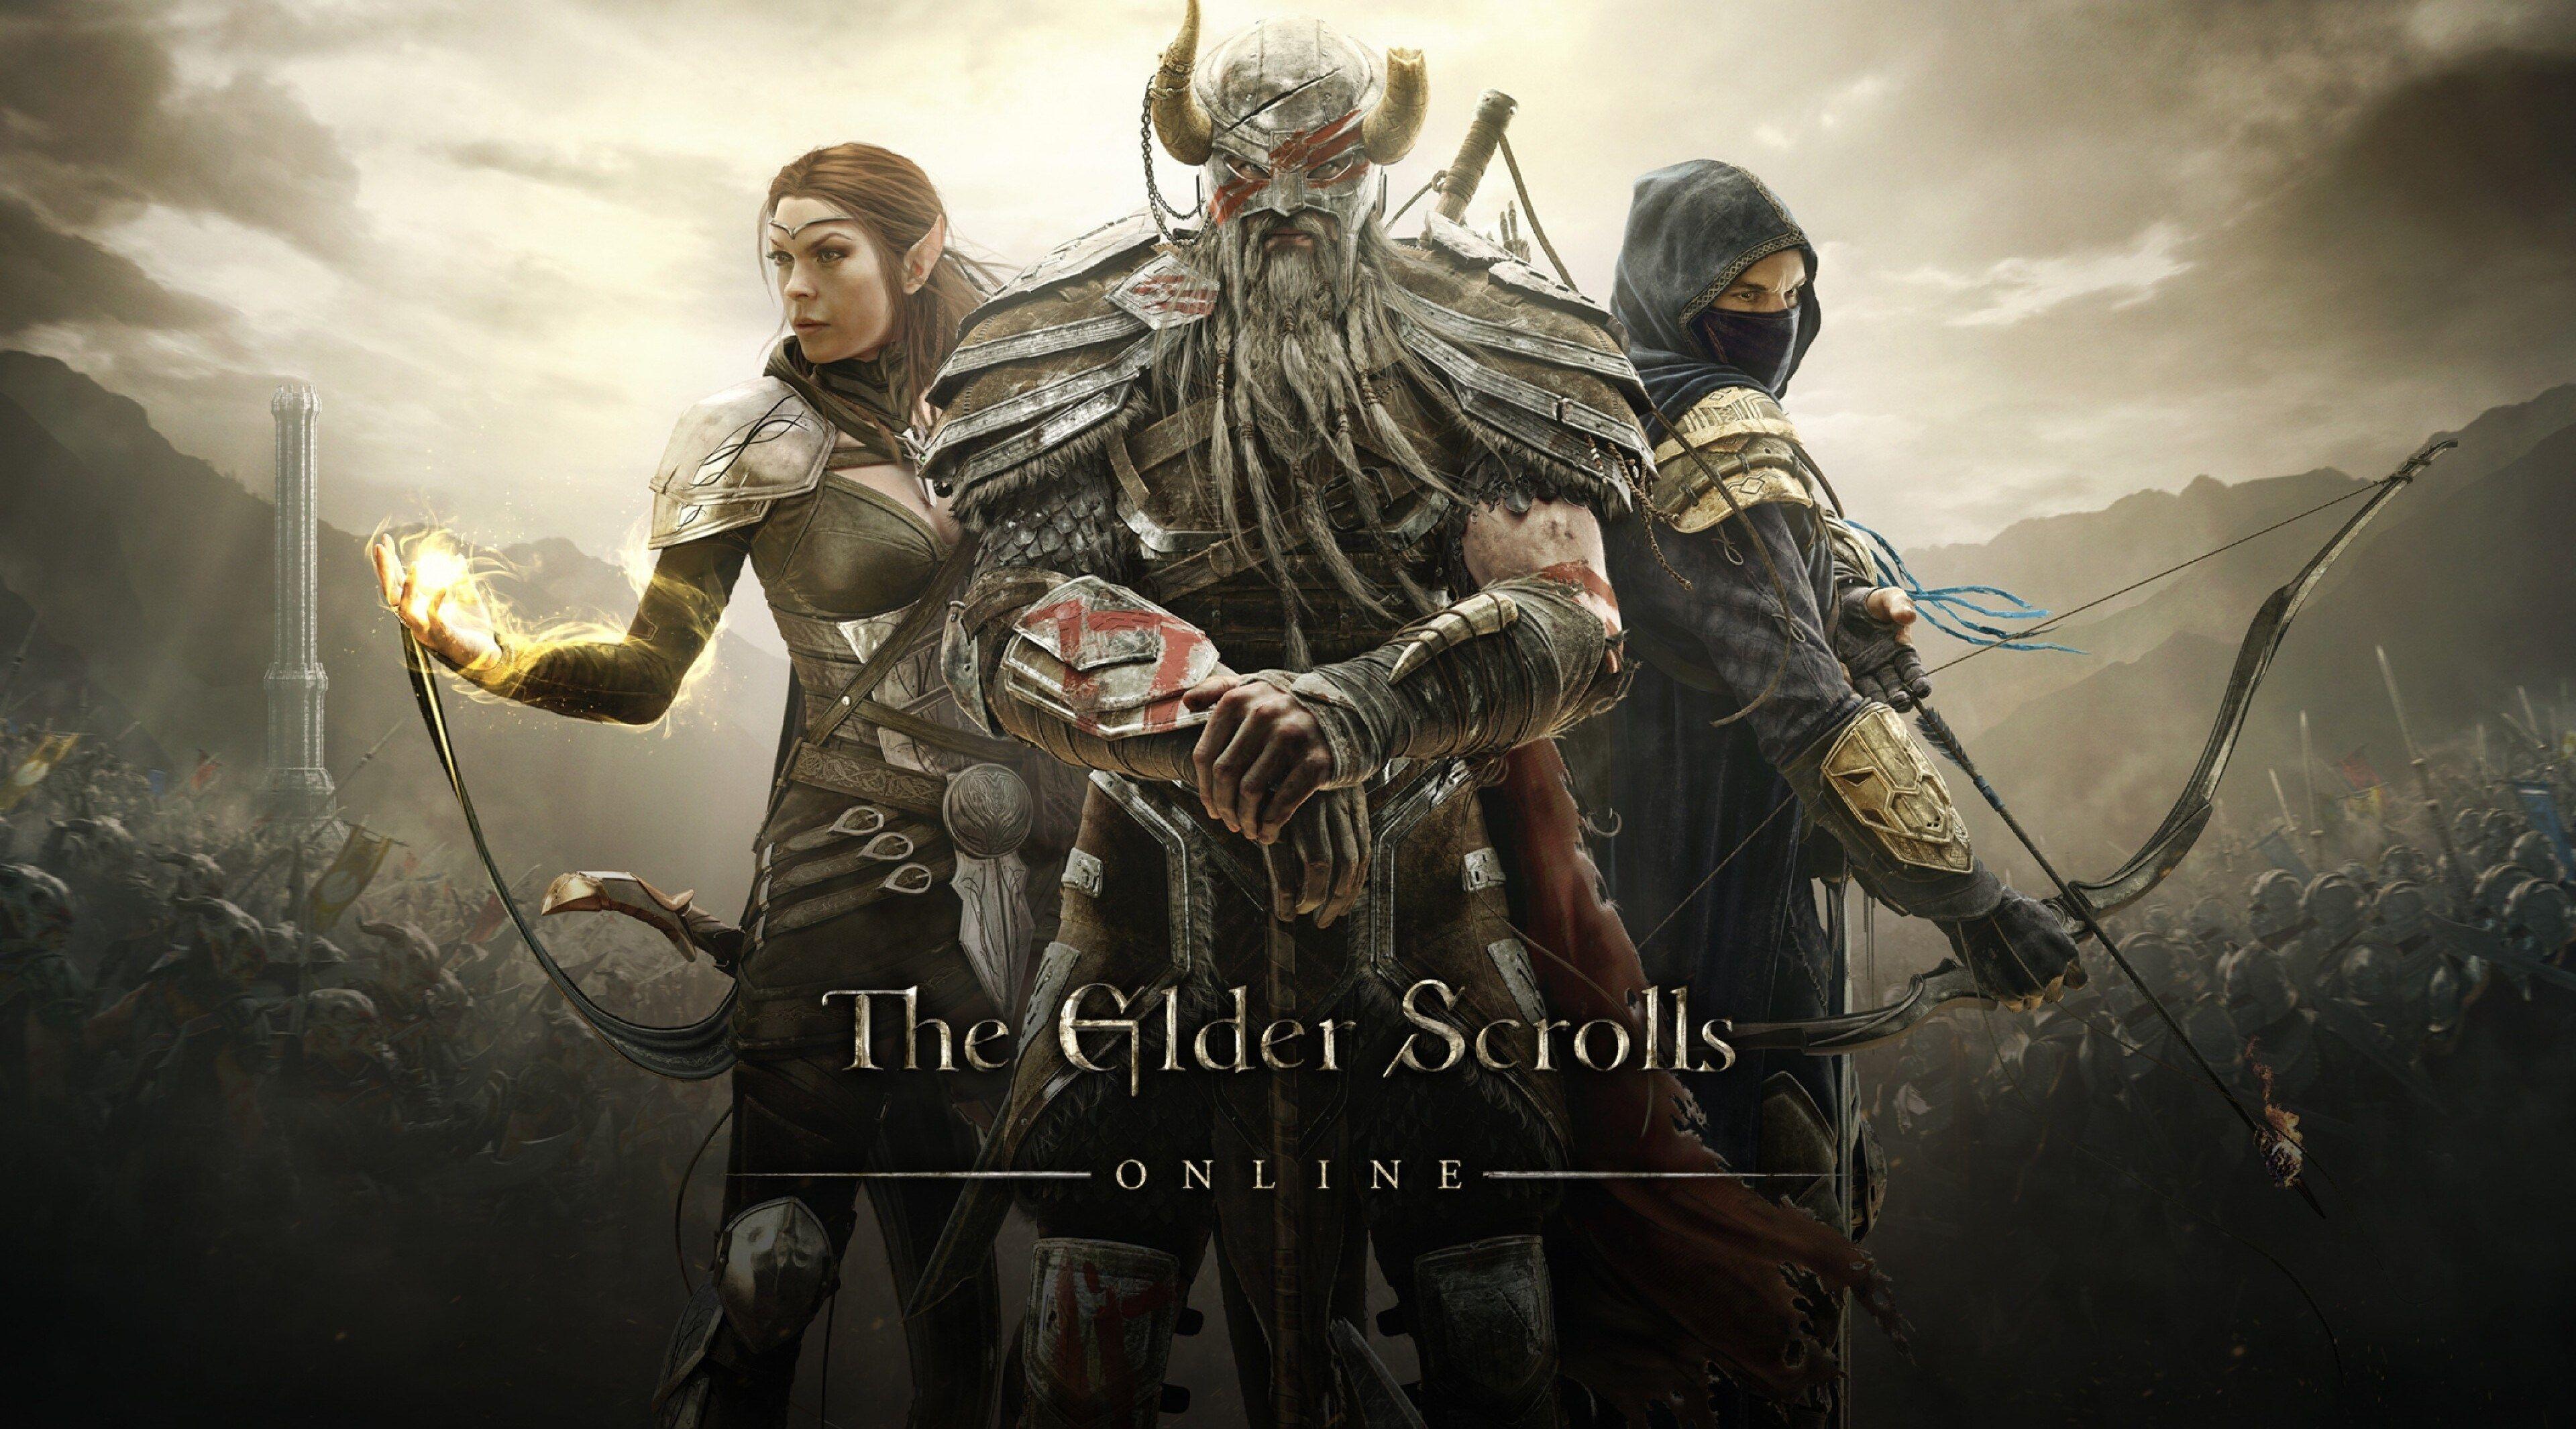 3840x2130 The Elder Scrolls Online 4k Hd Wallpaper For Desktop Elder Scrolls Elder Scrolls Online Elder Scrolls Oblivion